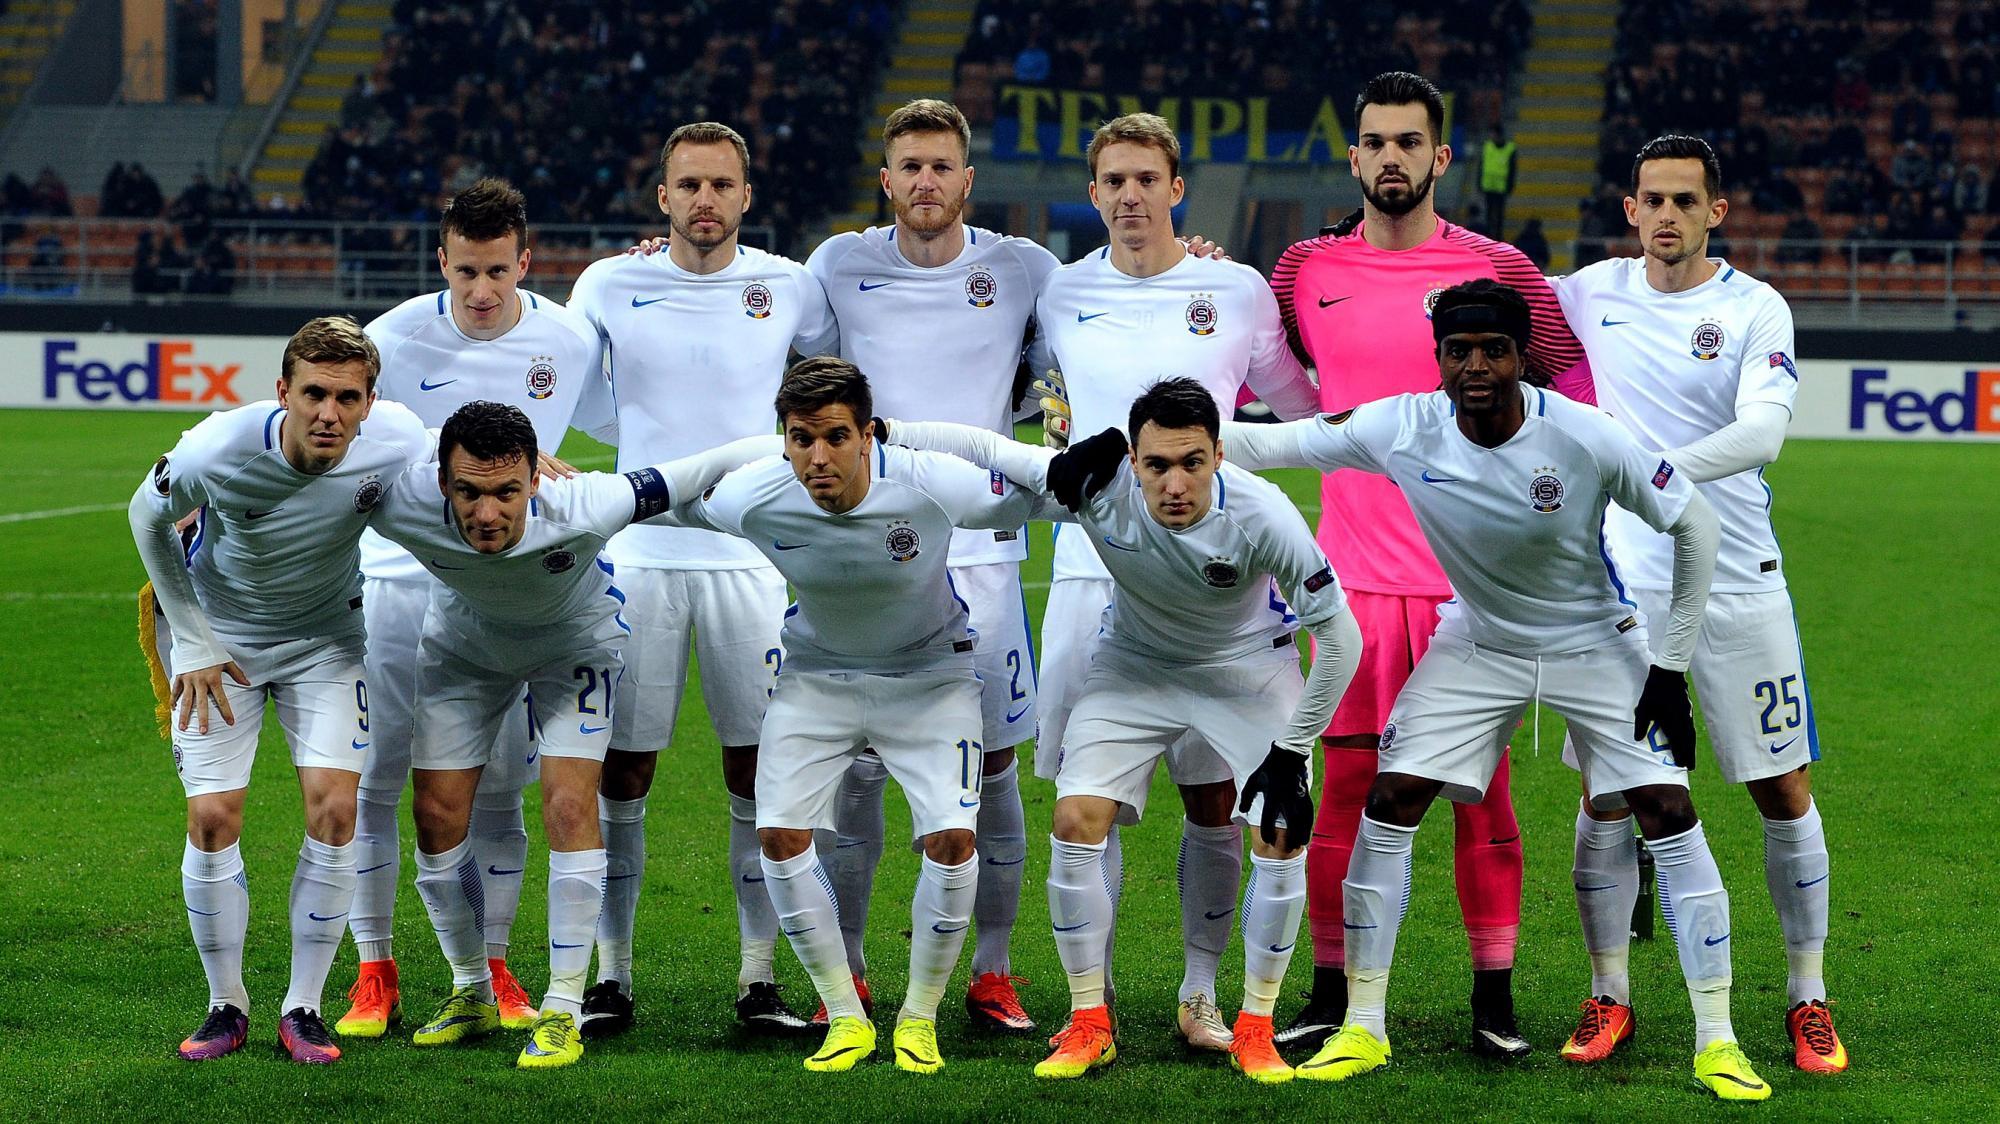 «Спарту» ожидают очень сложные матчи с«Ростовом»— Давид Голоубек